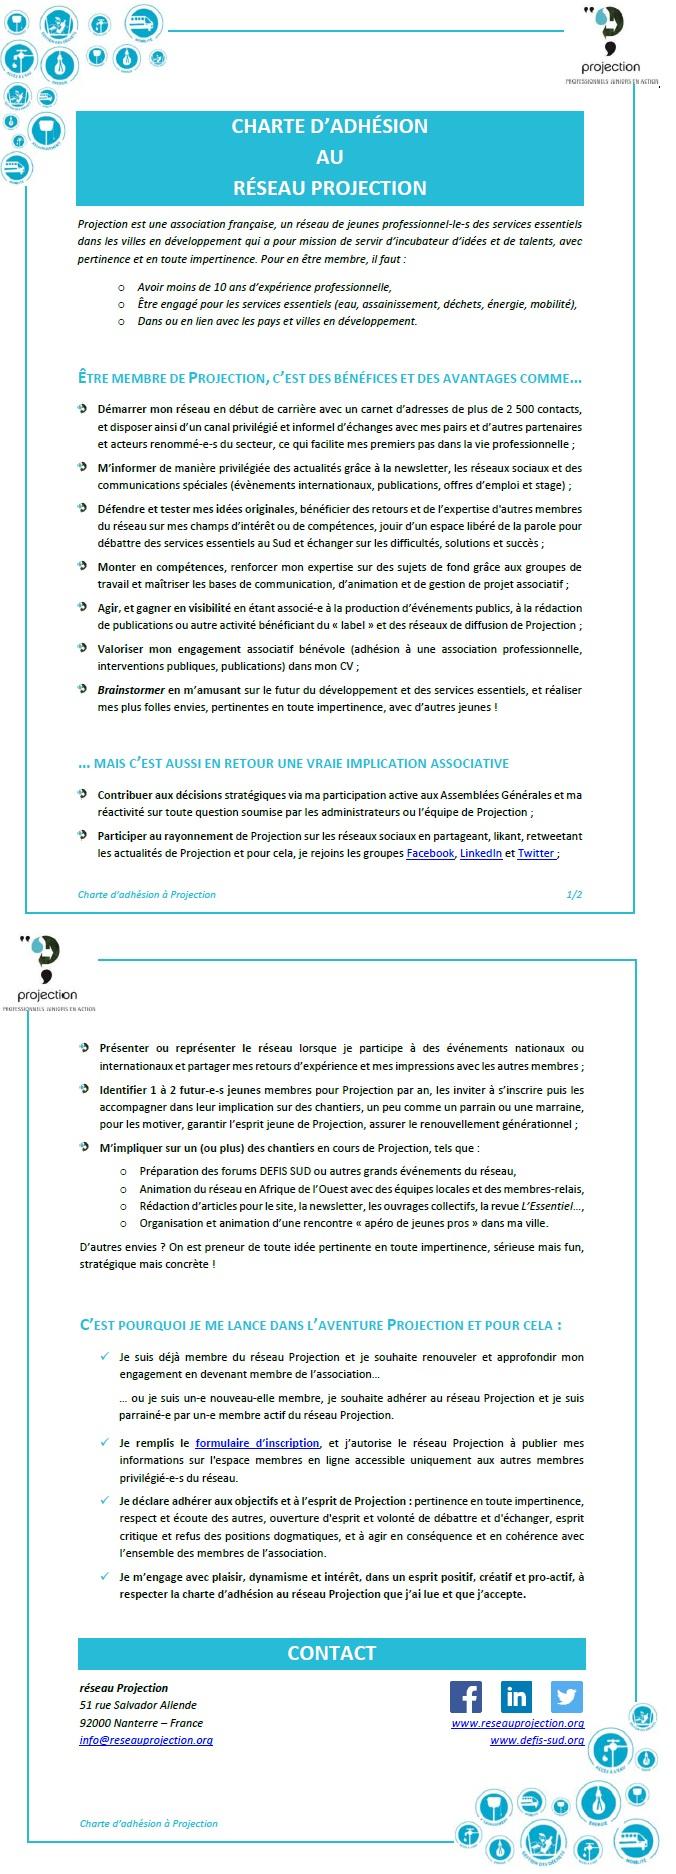 Charte1&2